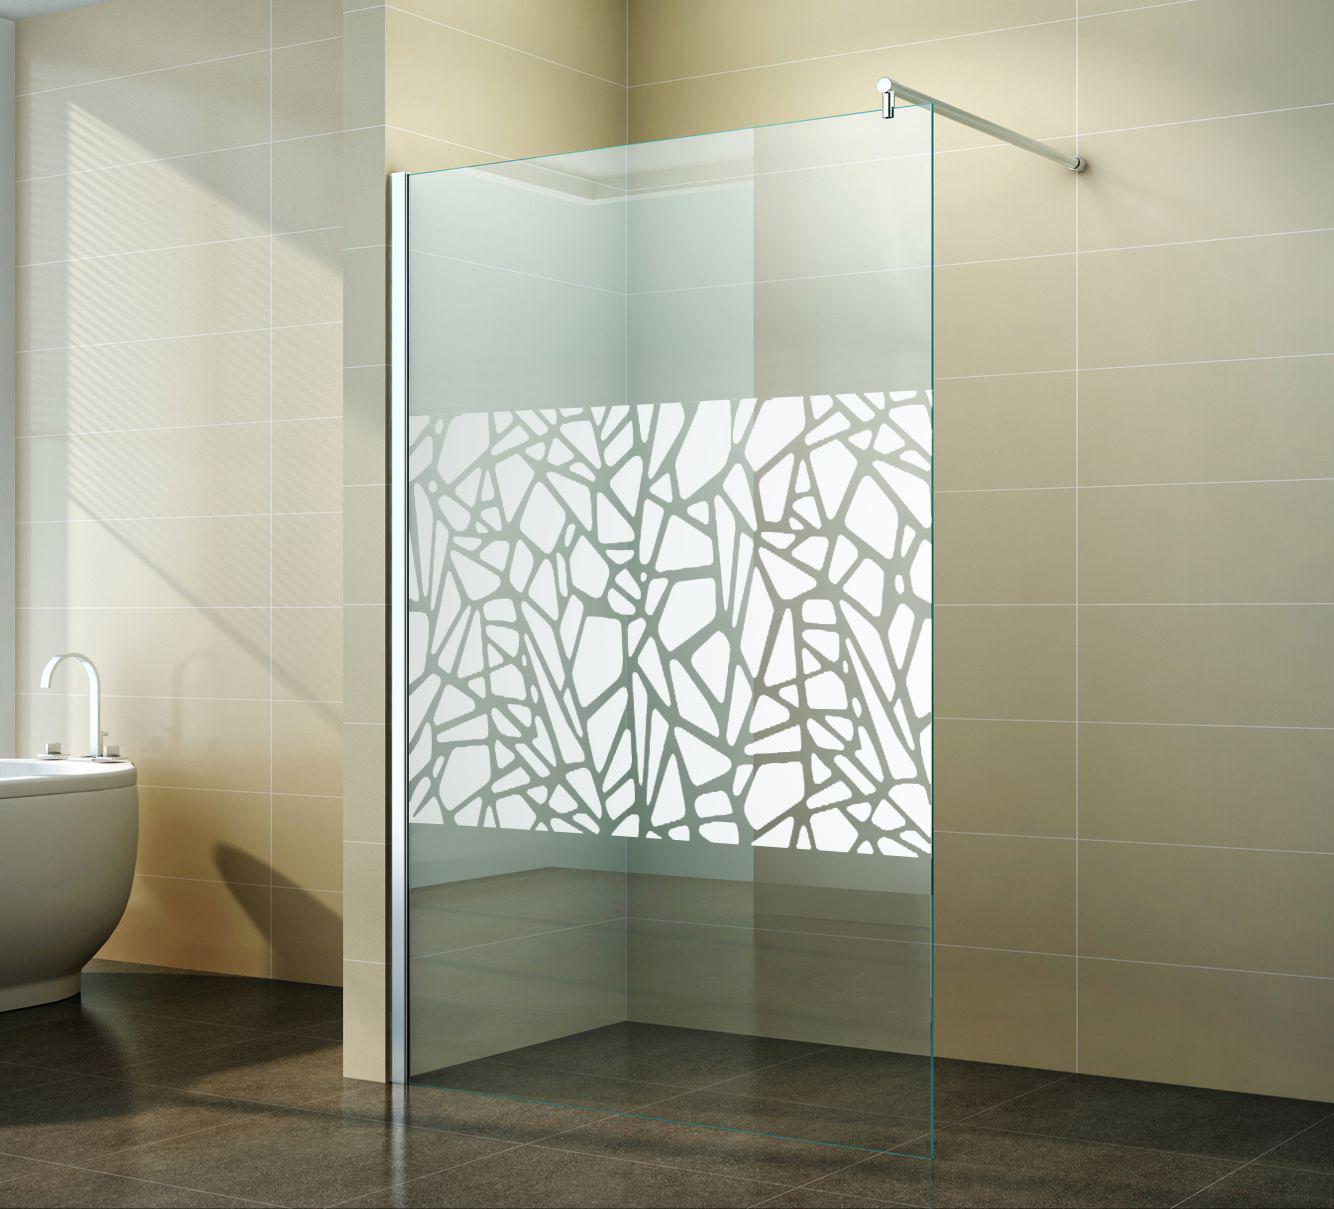 walk in dusche saturn scherben glasduschen zubeh r walk in duschen. Black Bedroom Furniture Sets. Home Design Ideas